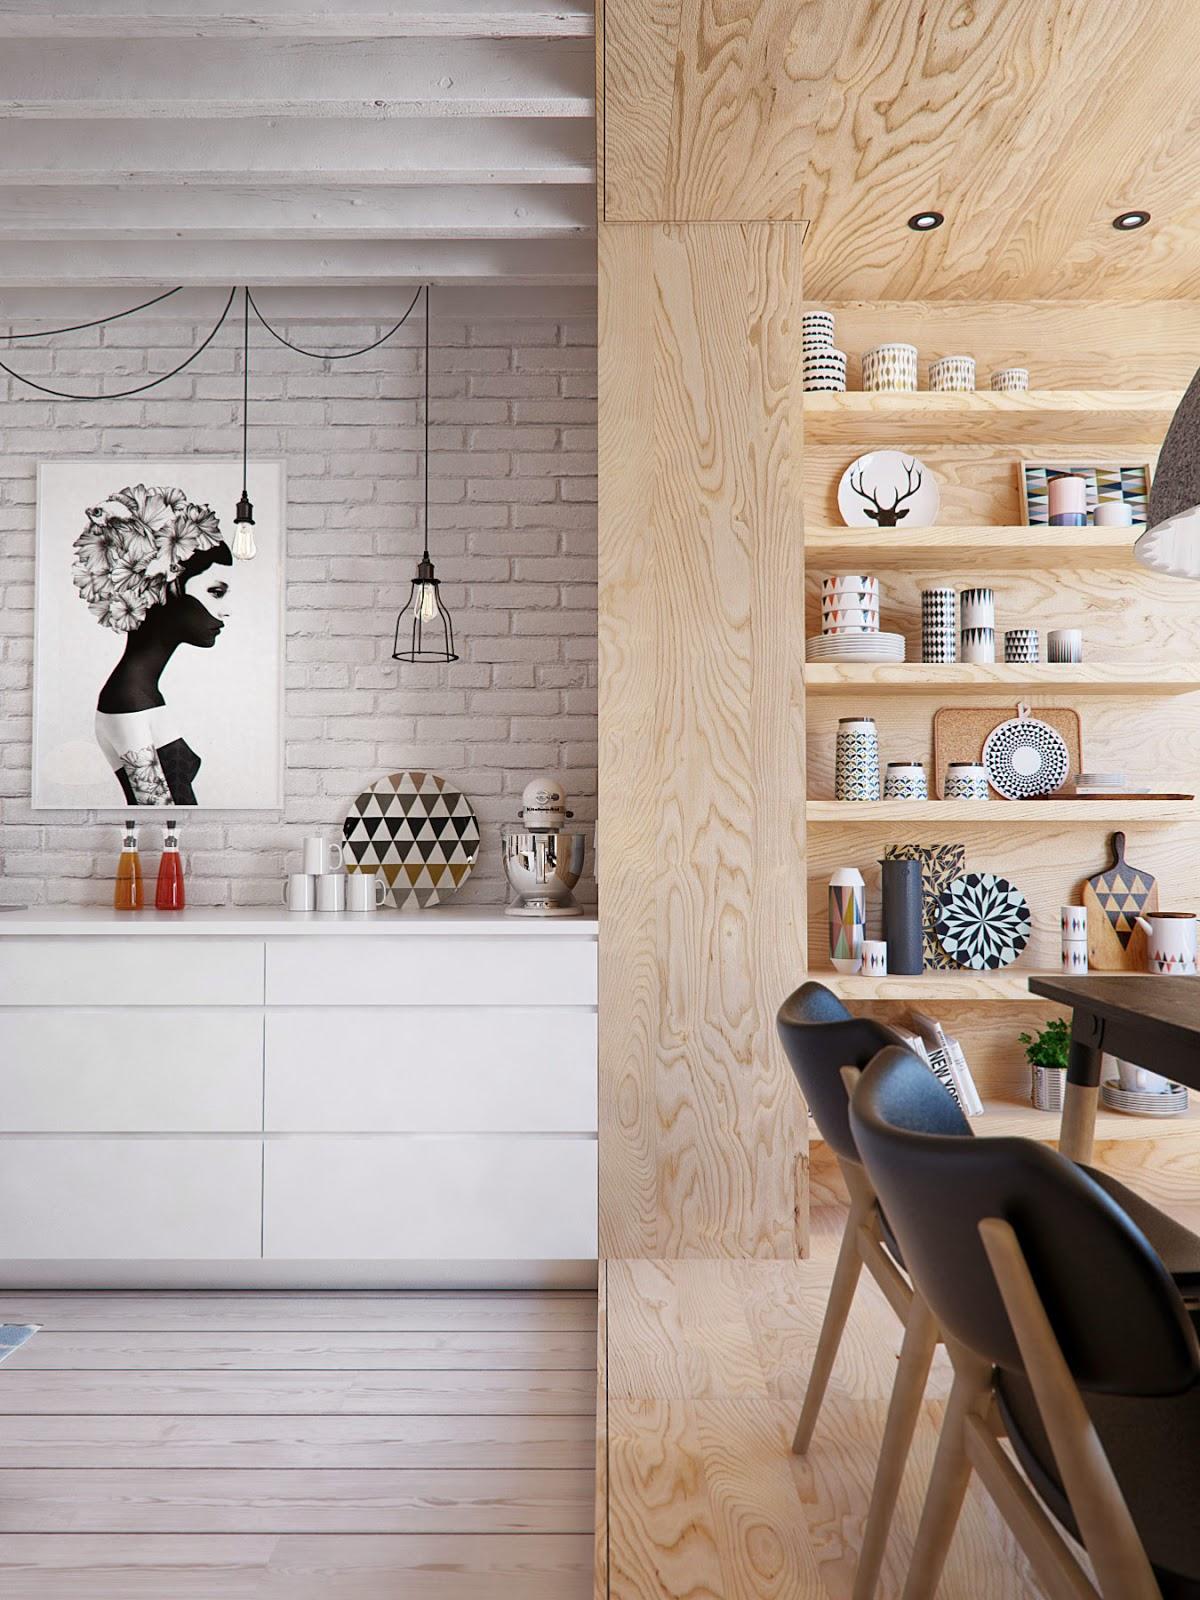 Plywood in huis - Eenig Wonen